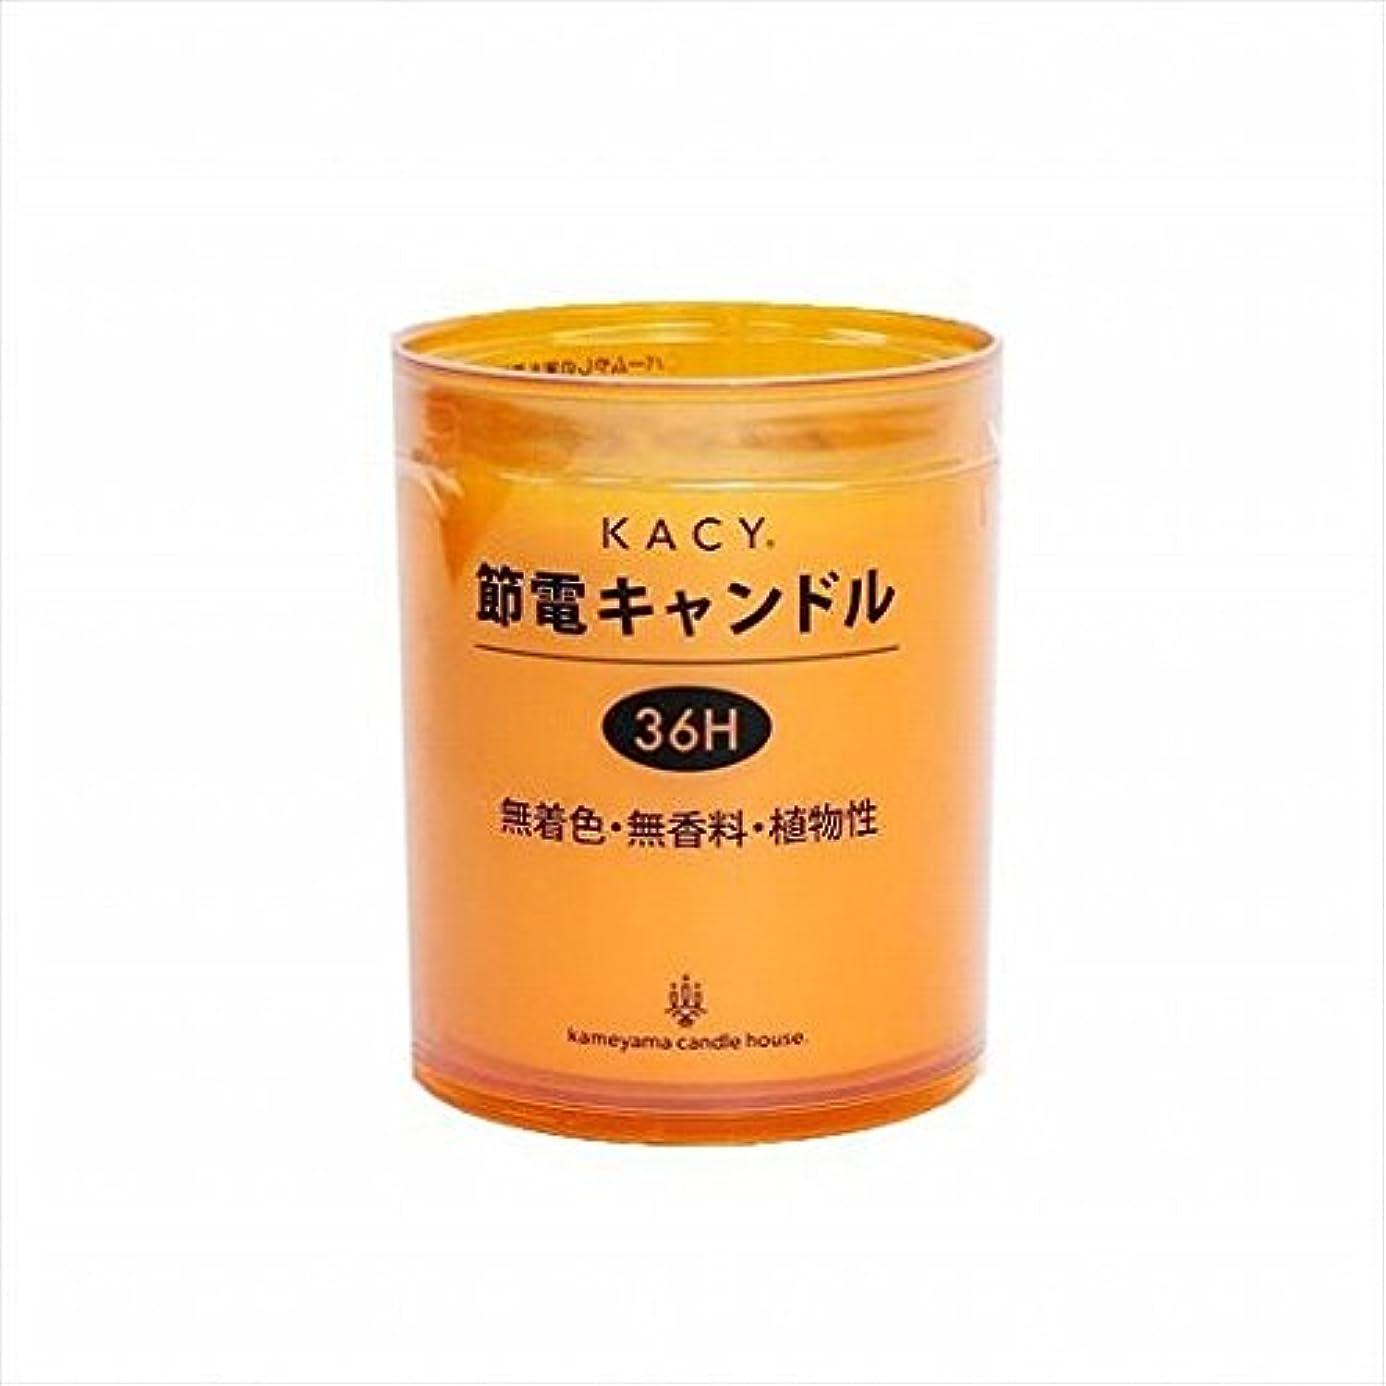 電気技師分岐する本土kameyama candle(カメヤマキャンドル) 節電キャンドル 36時間タイプ 「 オレンジ 」 キャンドル 83x83x100mm (A9610010OR)